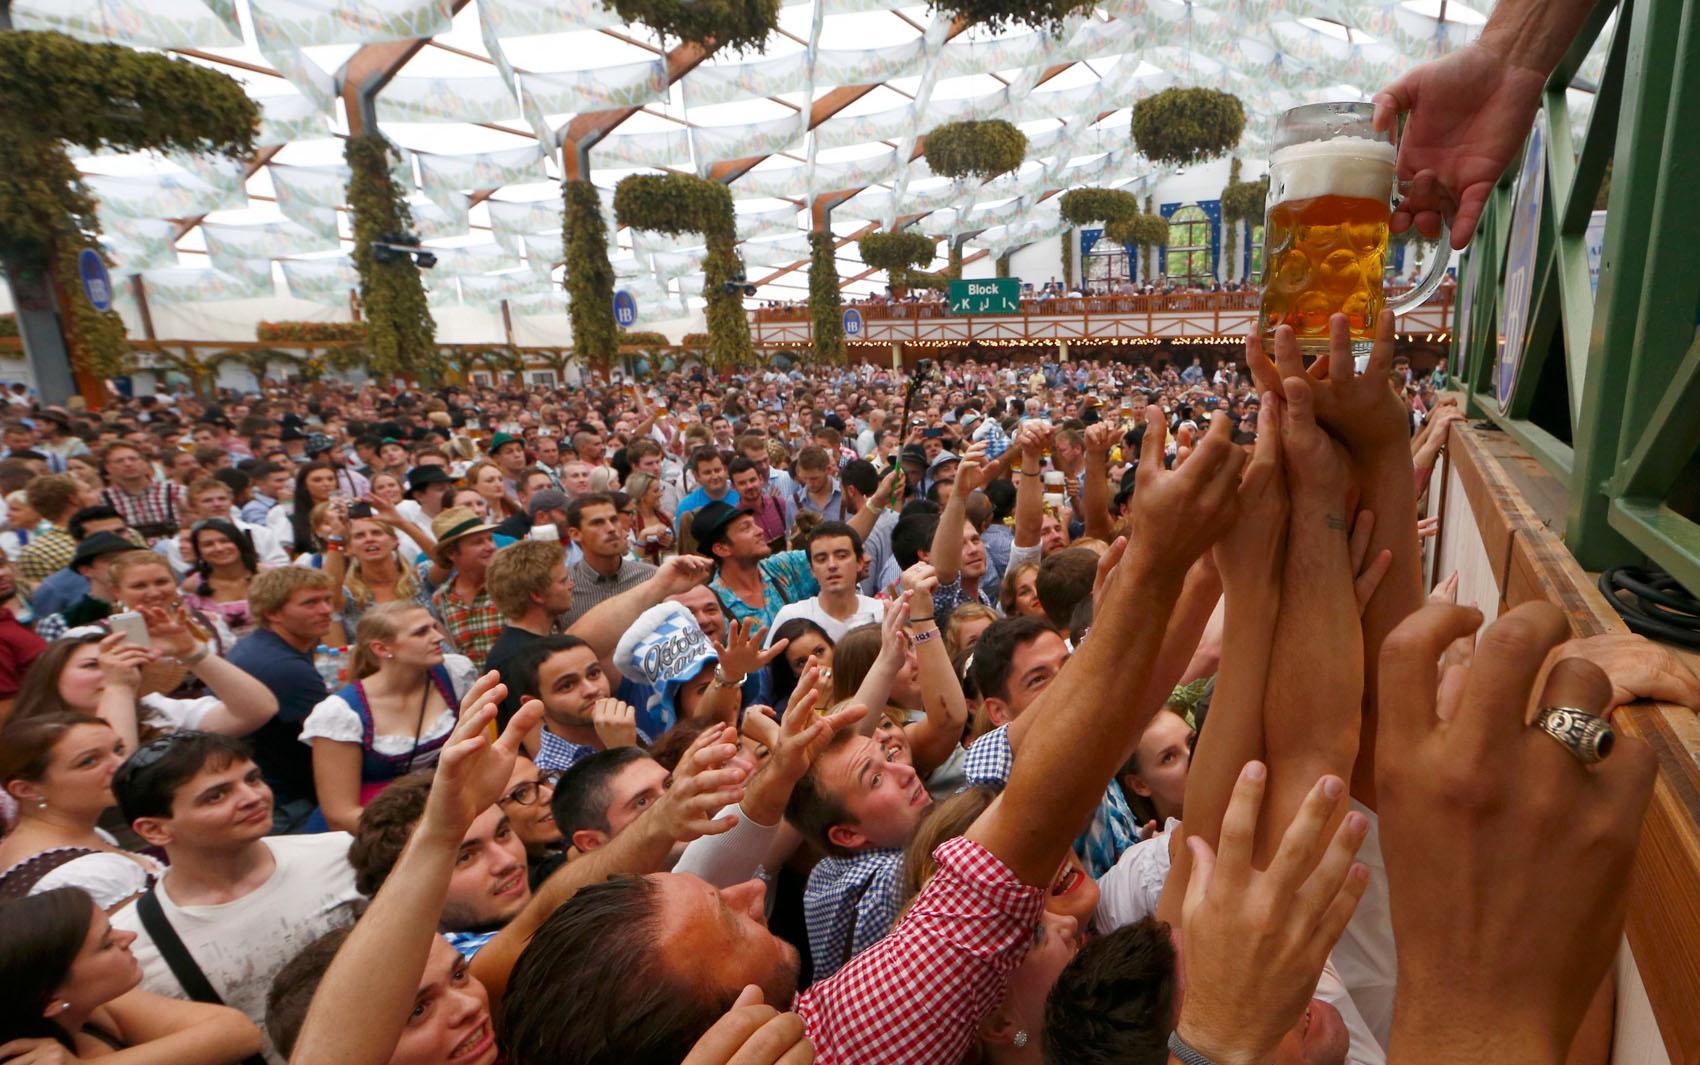 20/9 - Visitante se esticam e disputam um dos primeiros canecões de cerveja servidos após a abertura oficial da Oktoberfest. Realizado anualmente, o festival de cerveja atrai milhões de turistas à capital da Bavária durante duas semanas